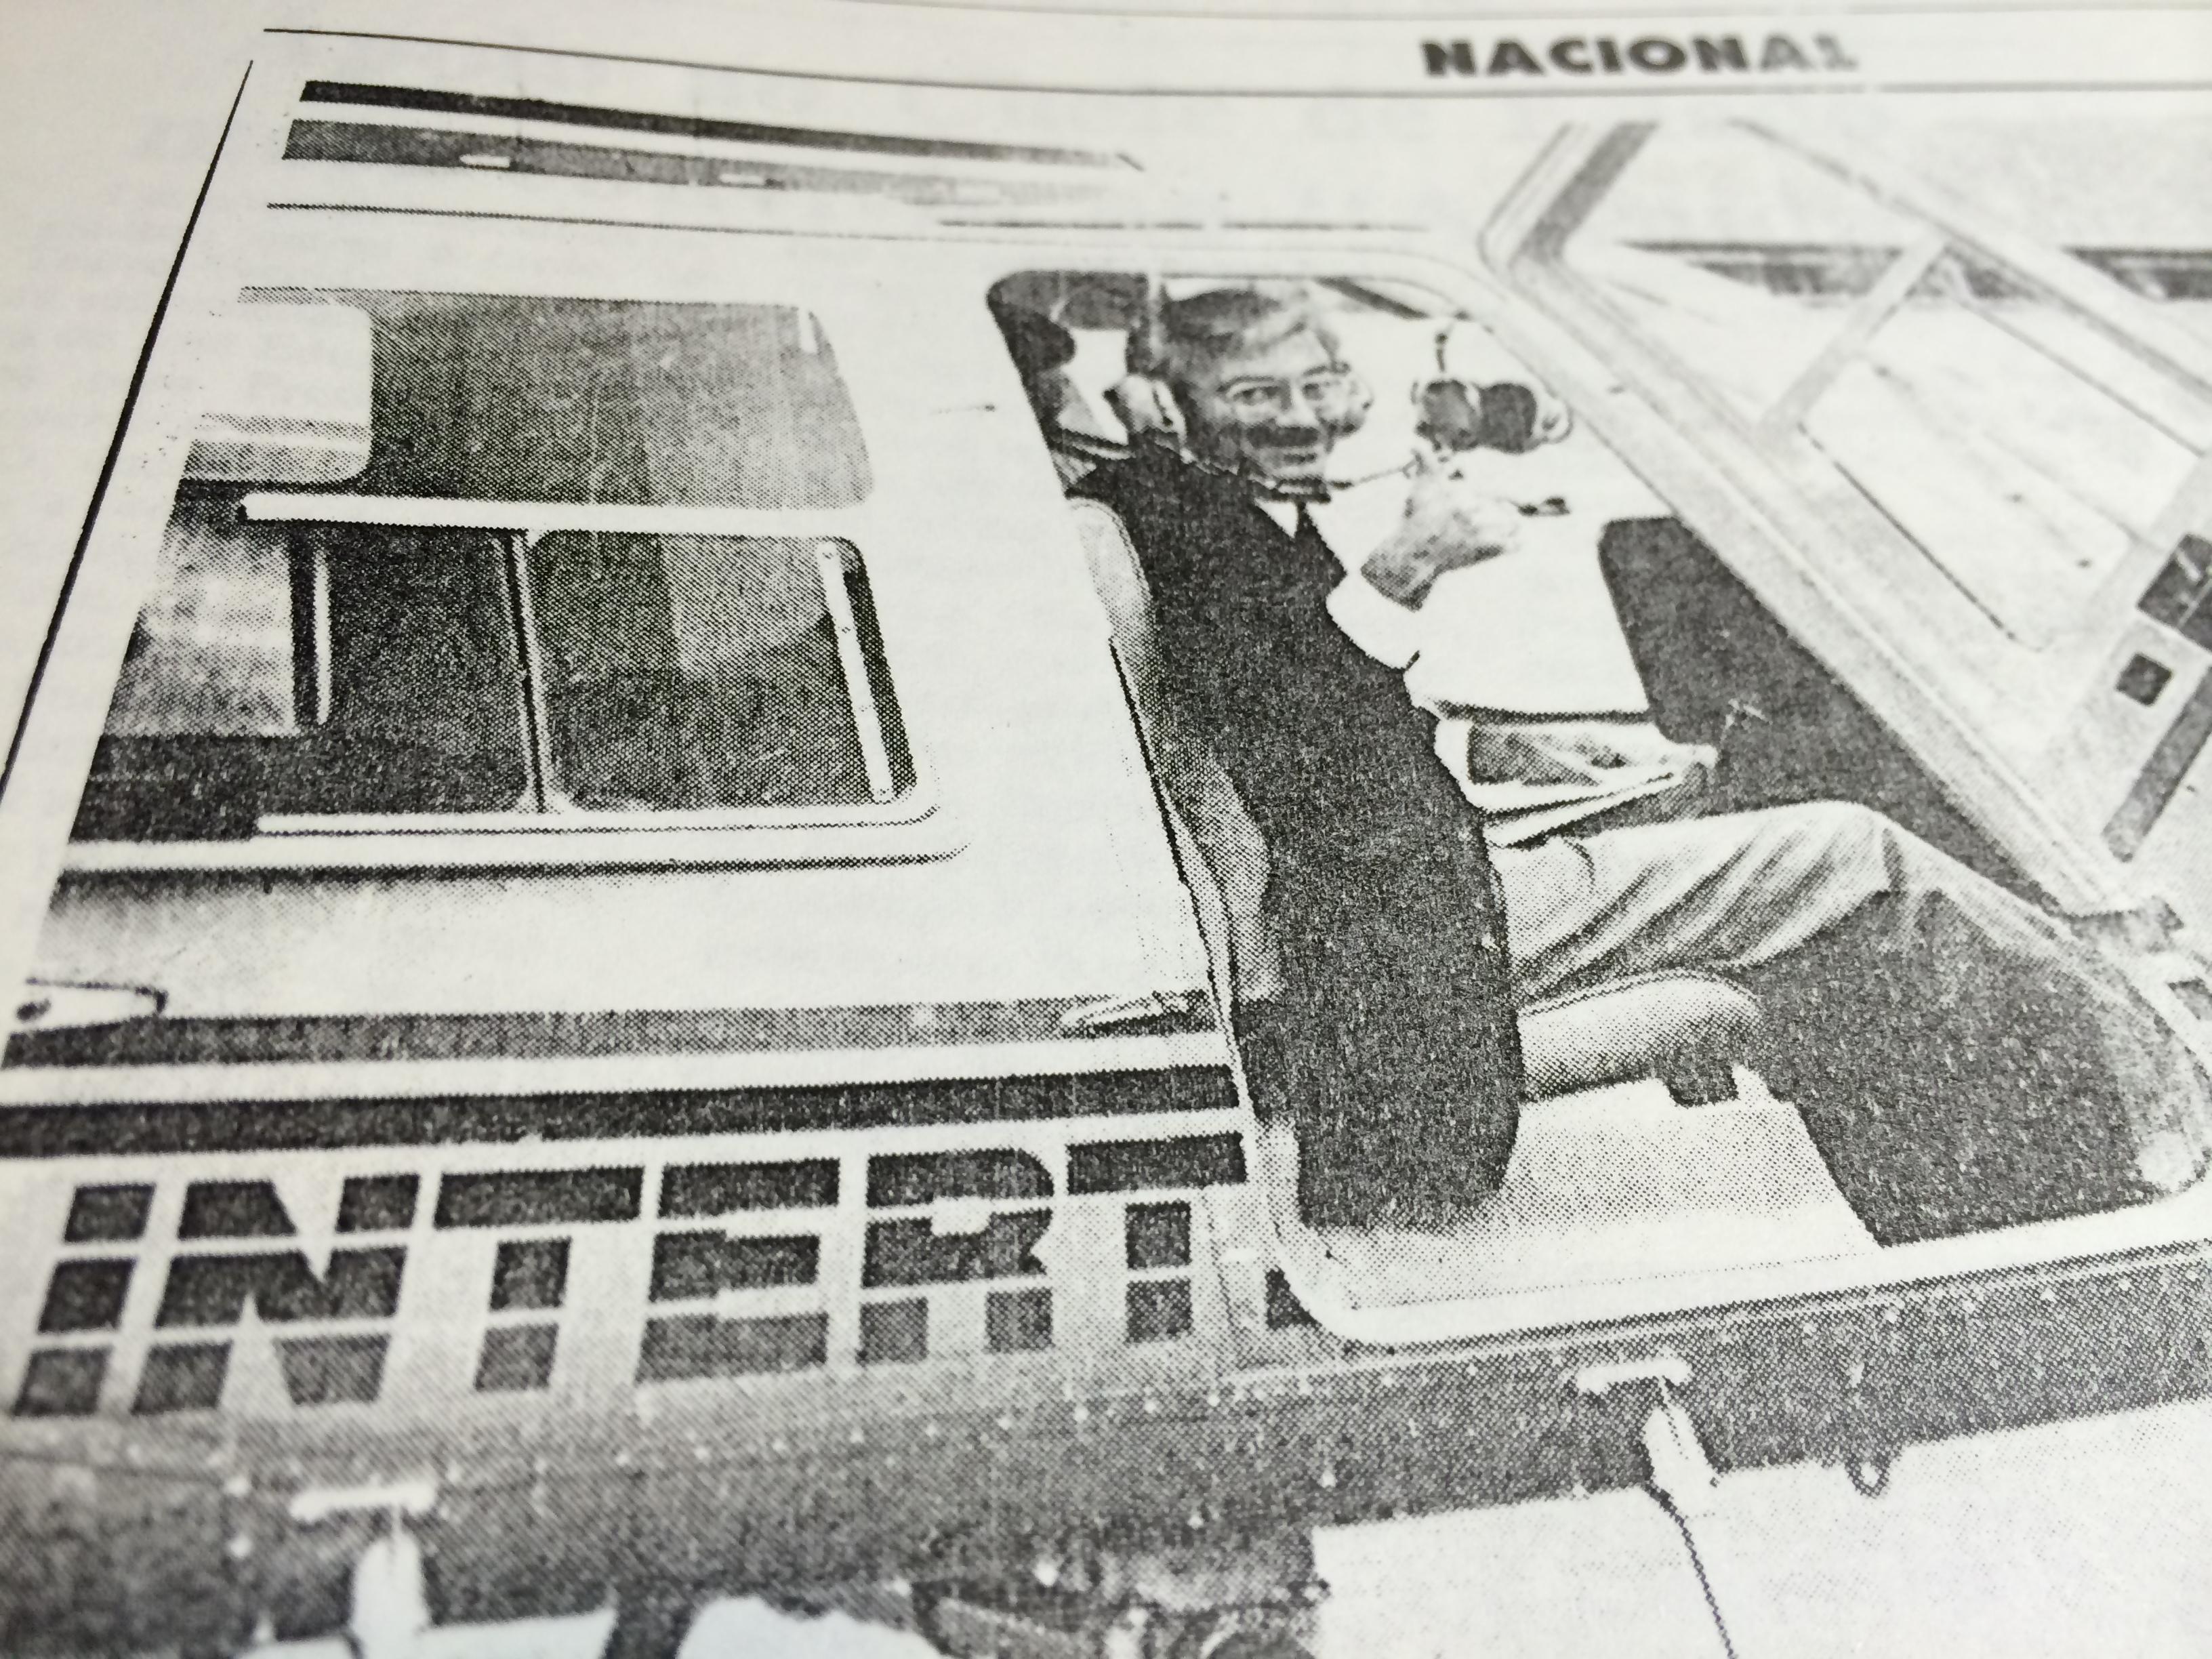 Voando para as eleições de 1992